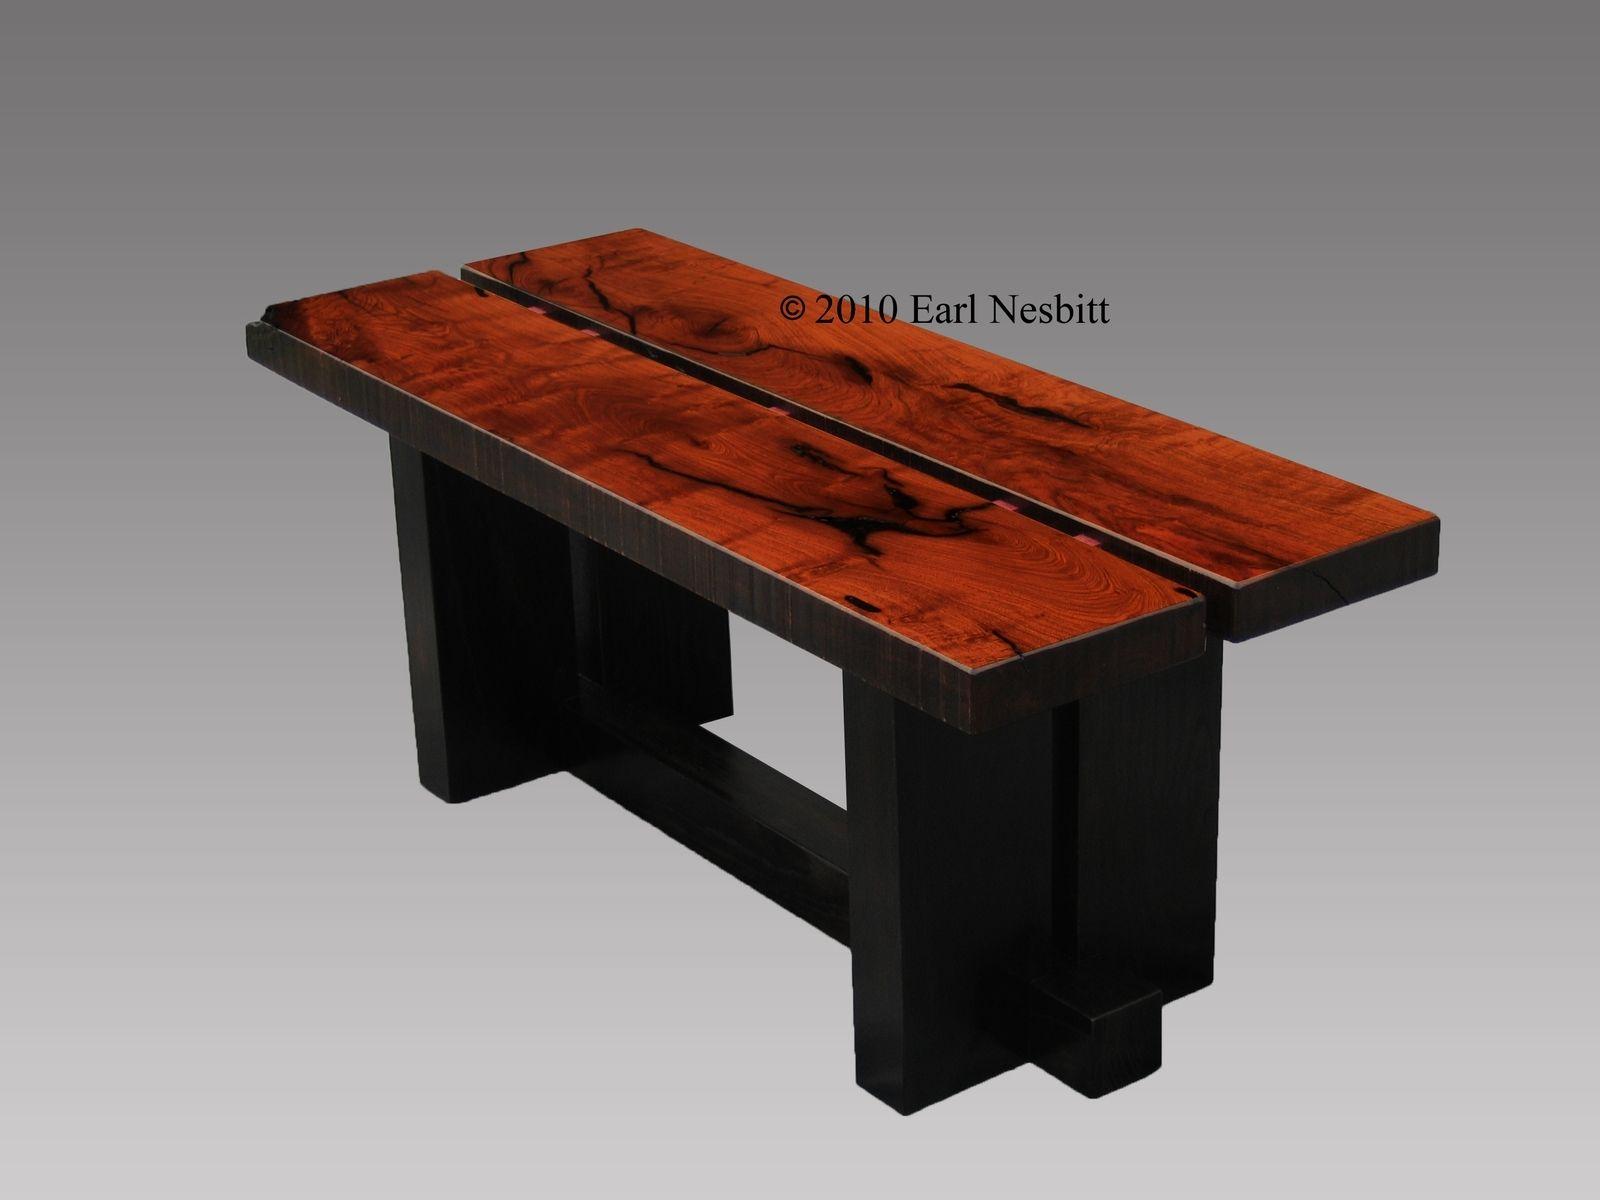 Custom Coffee Table Bench Mesquite by Earl Nesbitt Fine